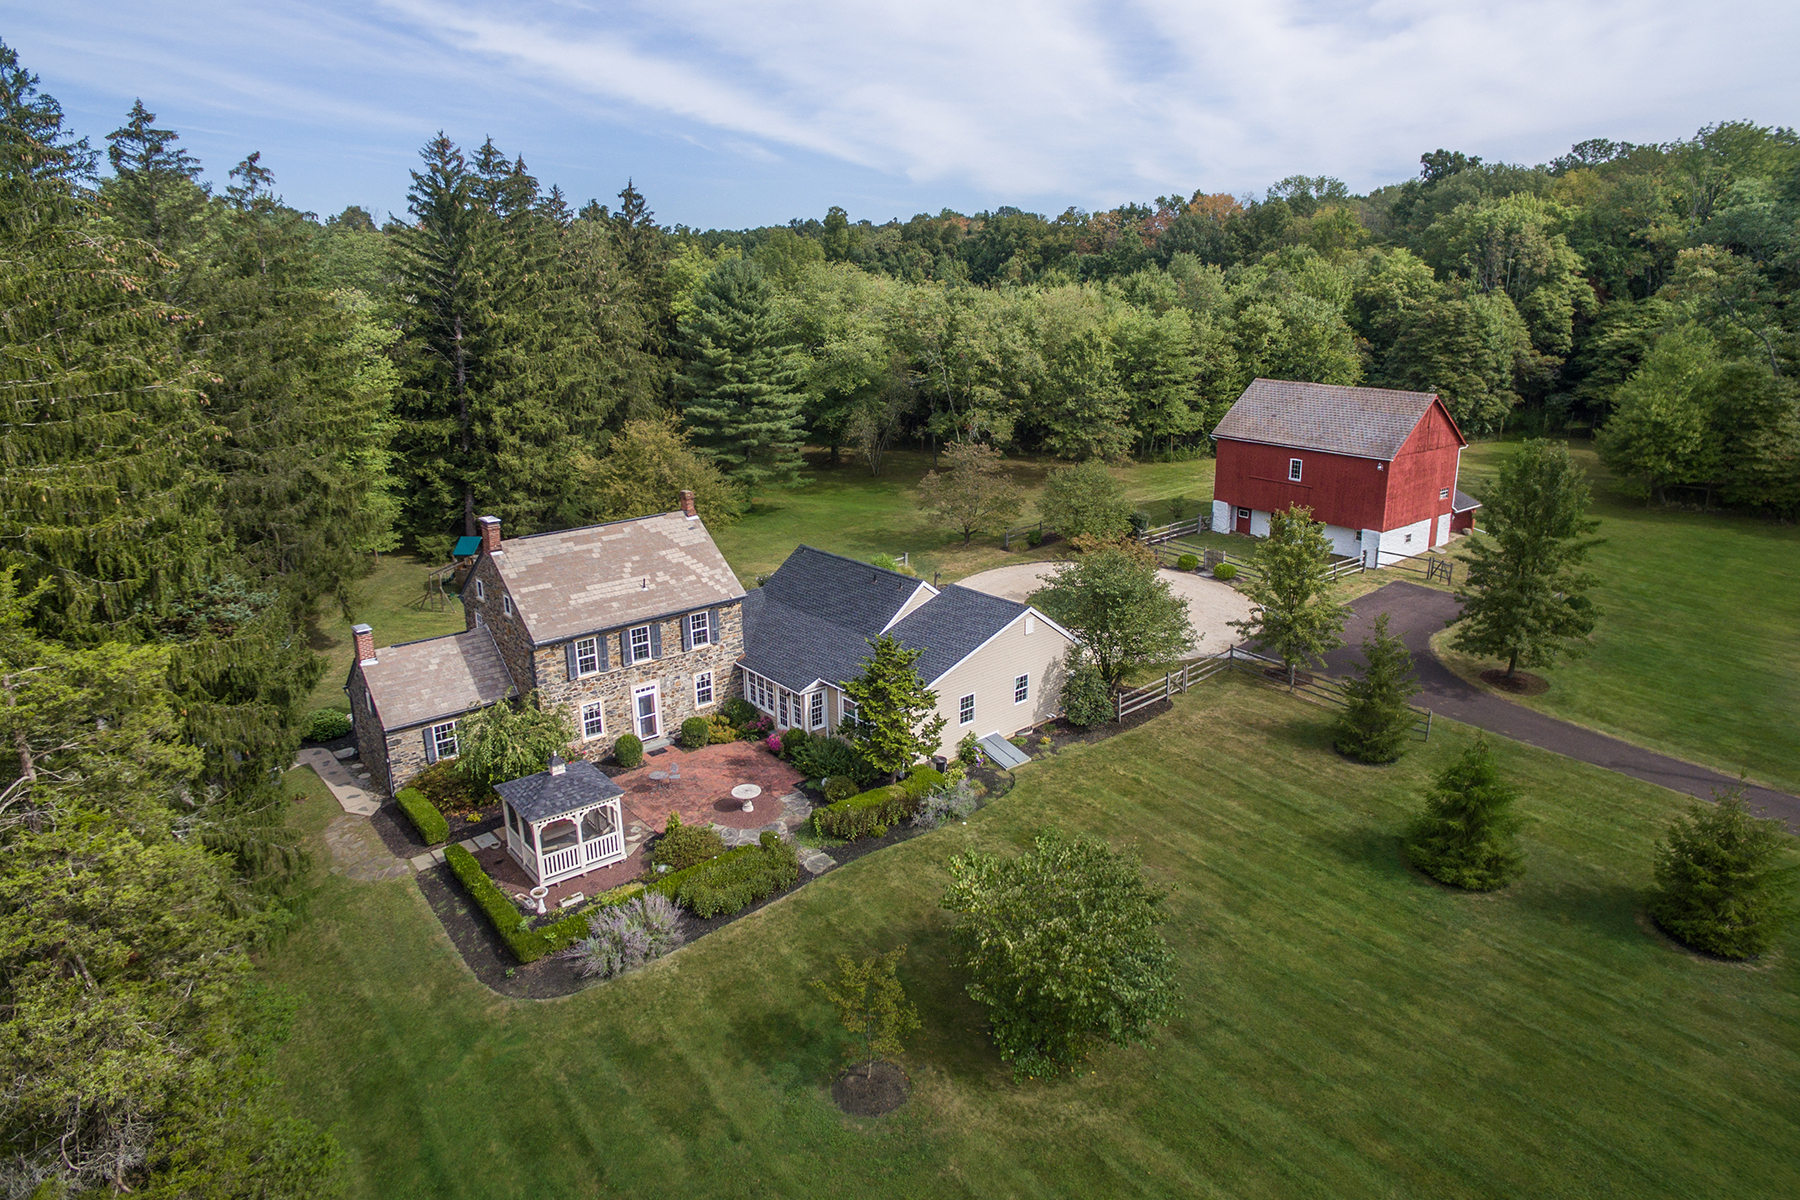 独户住宅 为 销售 在 Hidden Glade Farm 1109 Apple Rd. 夸克敦, 18951 美国